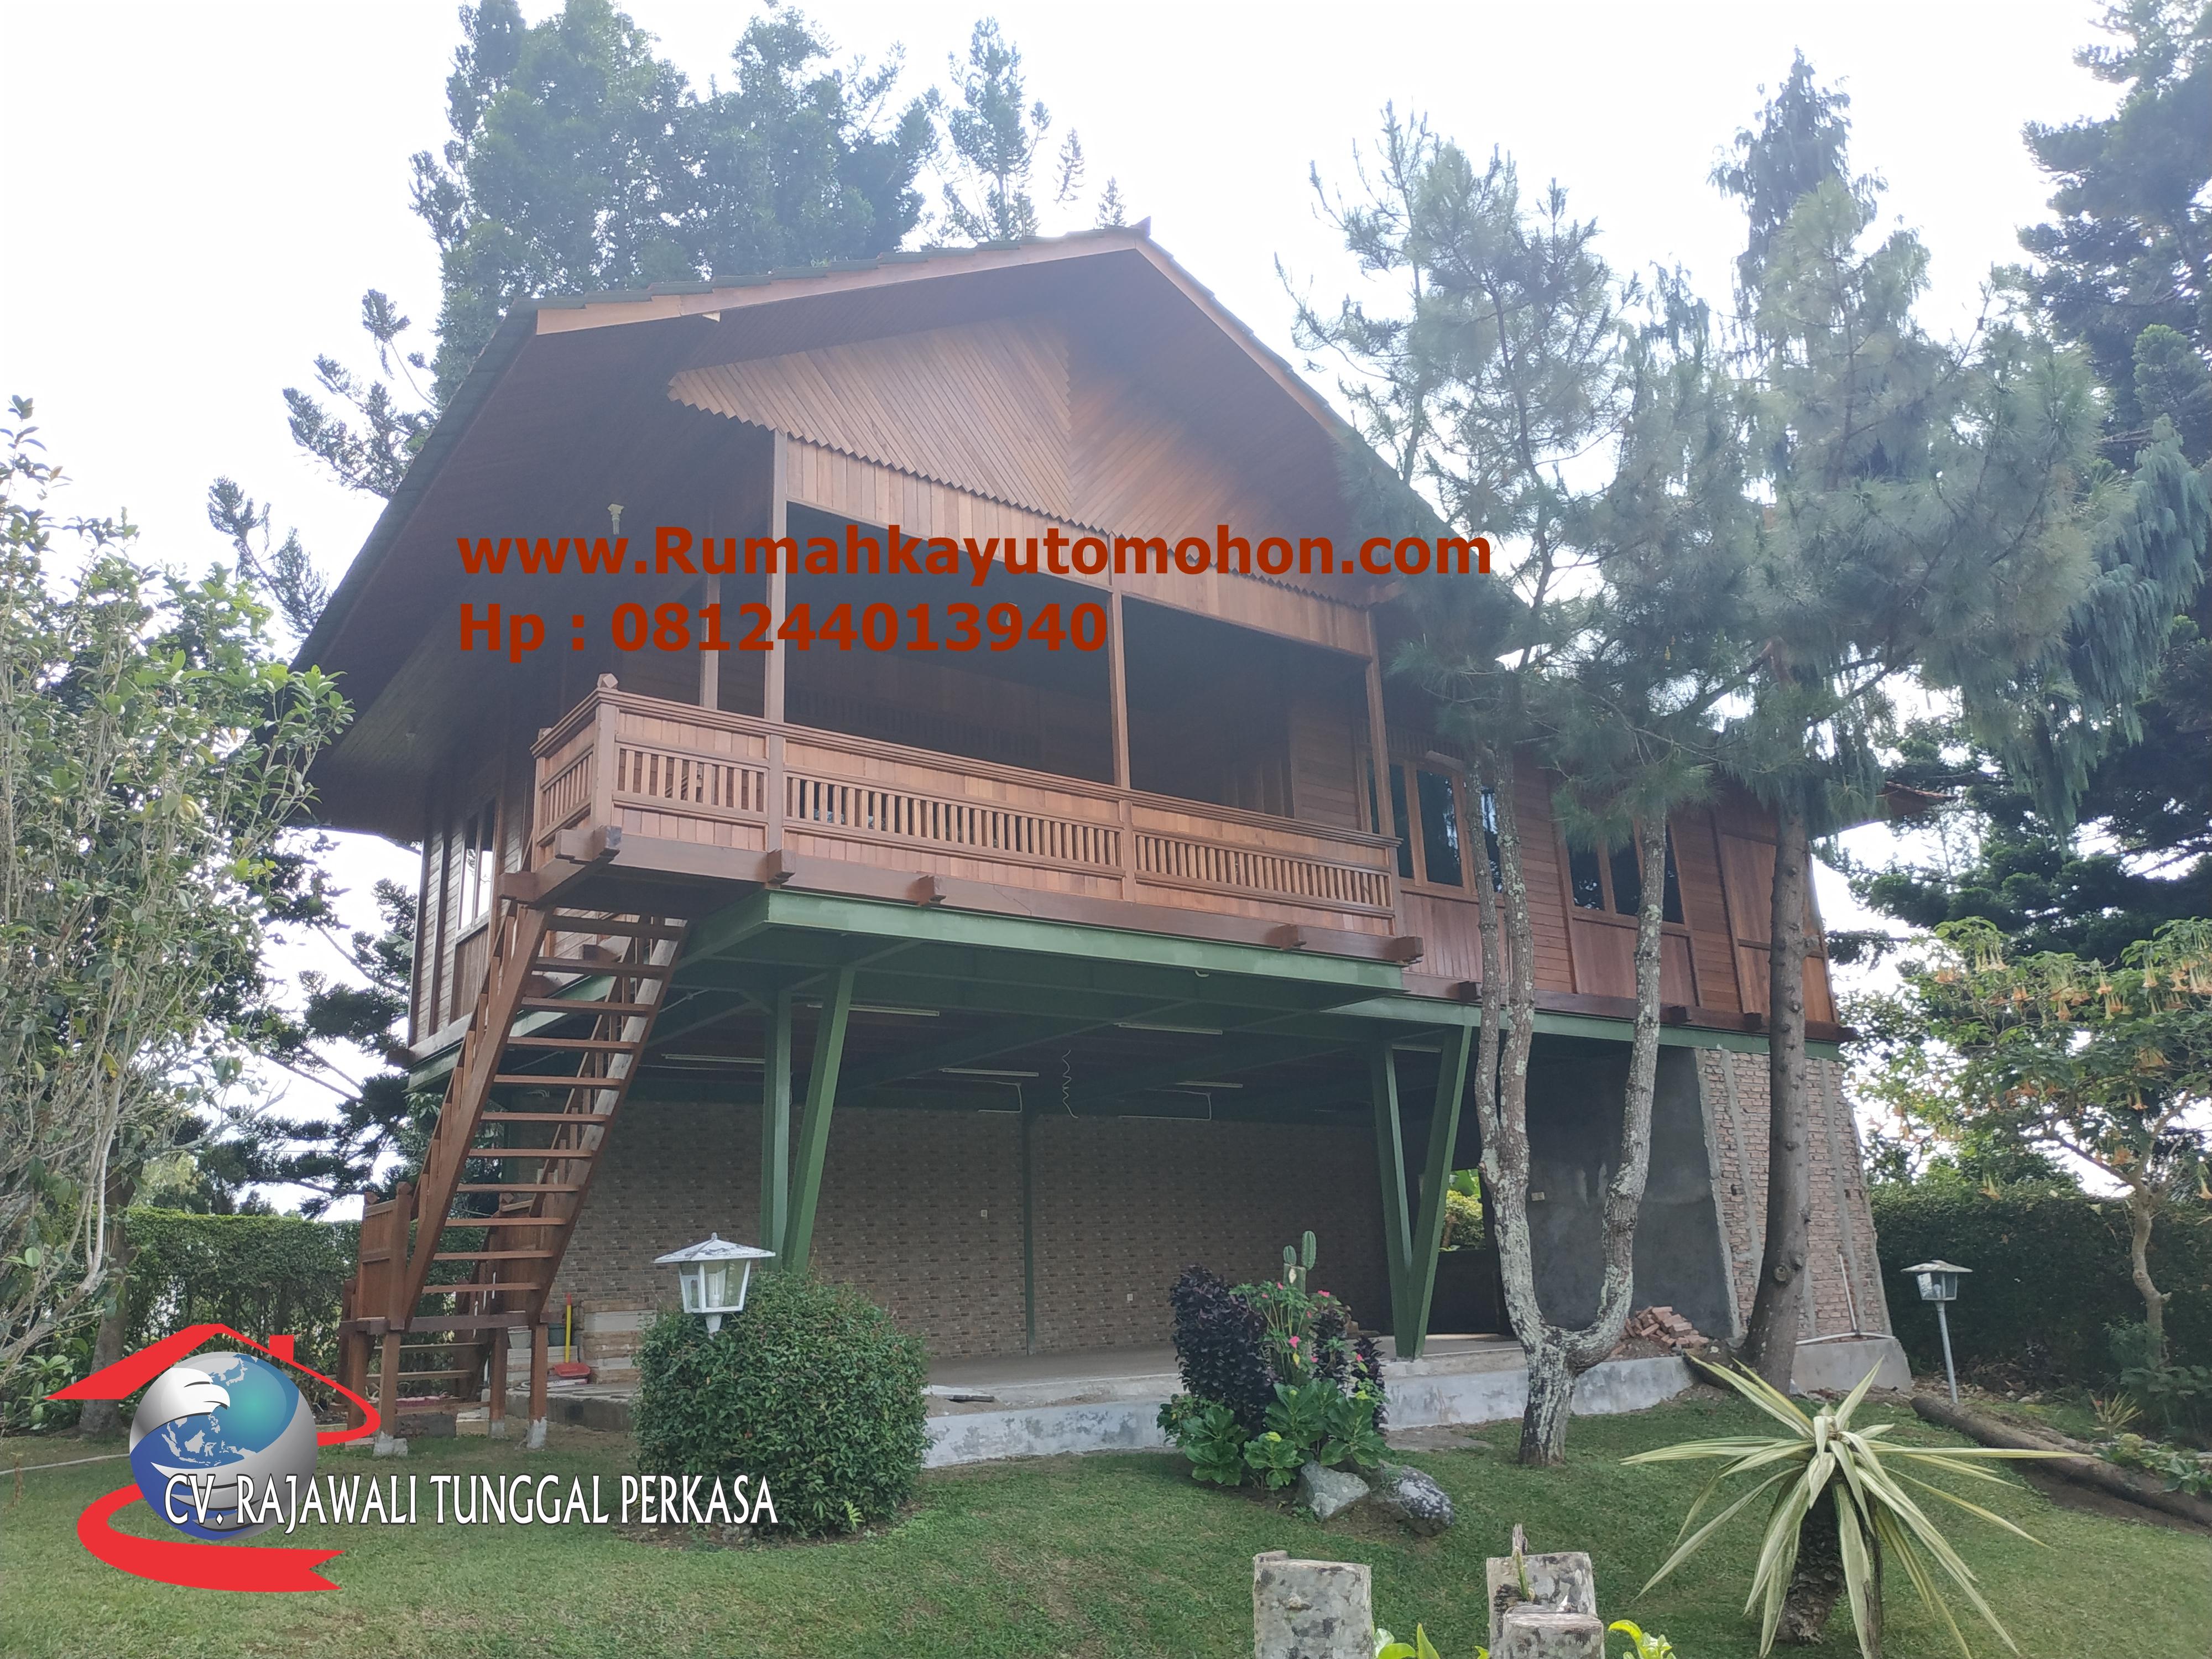 Rumah Panggung Tipe 100 M2 Tiga Kamar Tidur